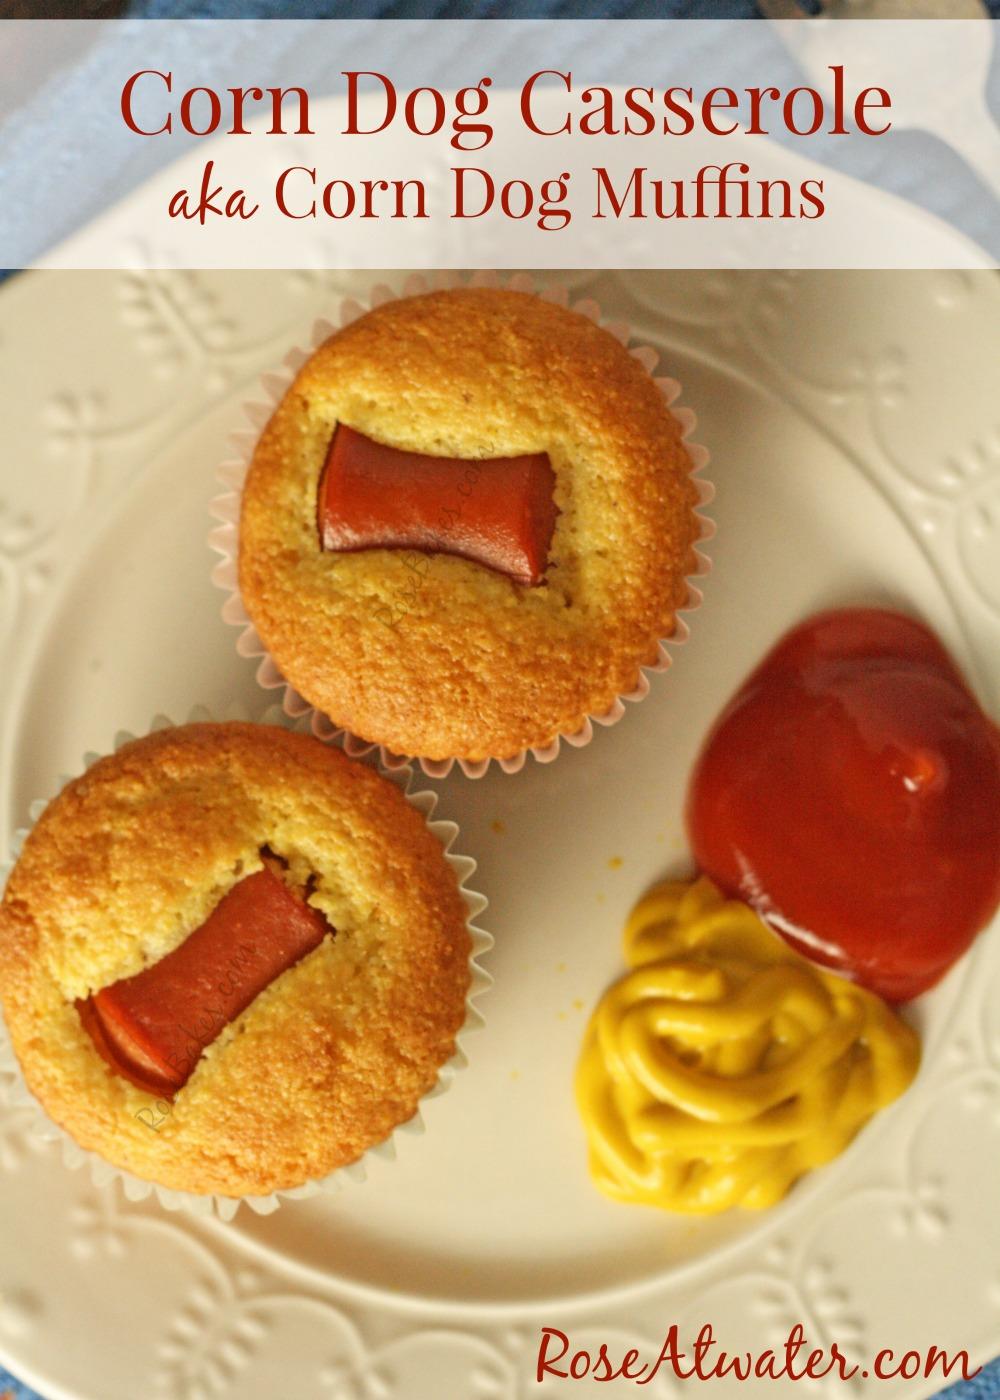 Corn Dog Casserole aka Corn Dog Muffins?